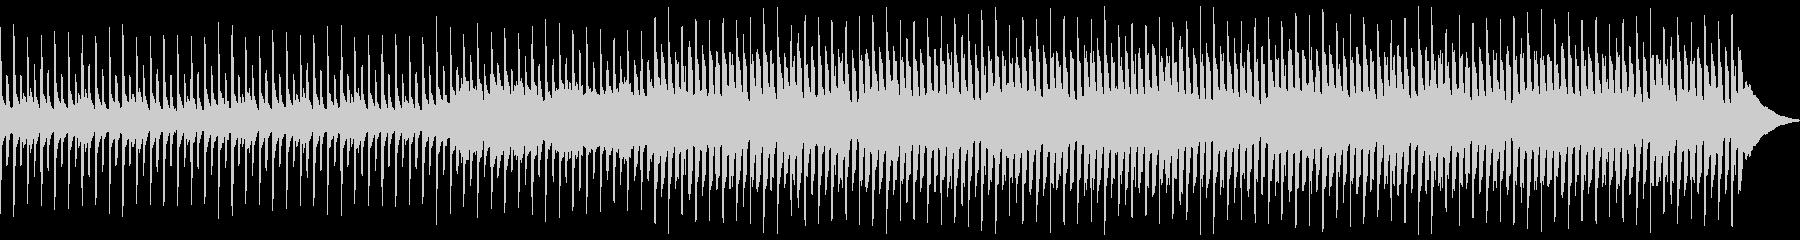 可愛くてちょっと切ないオルゴールの未再生の波形